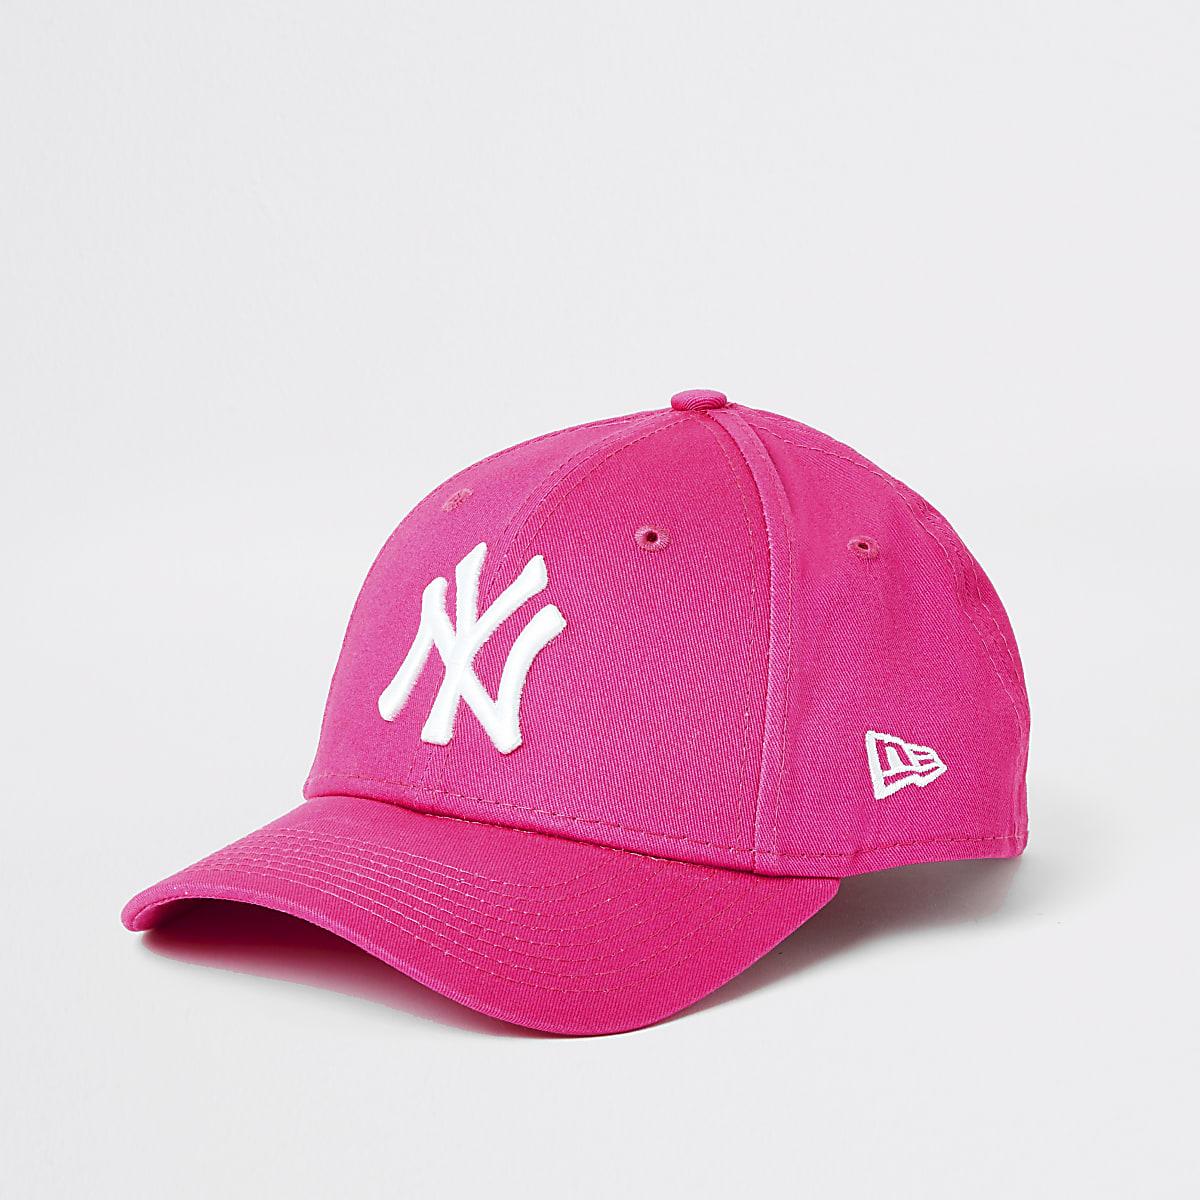 Girls New Era NY pink cap